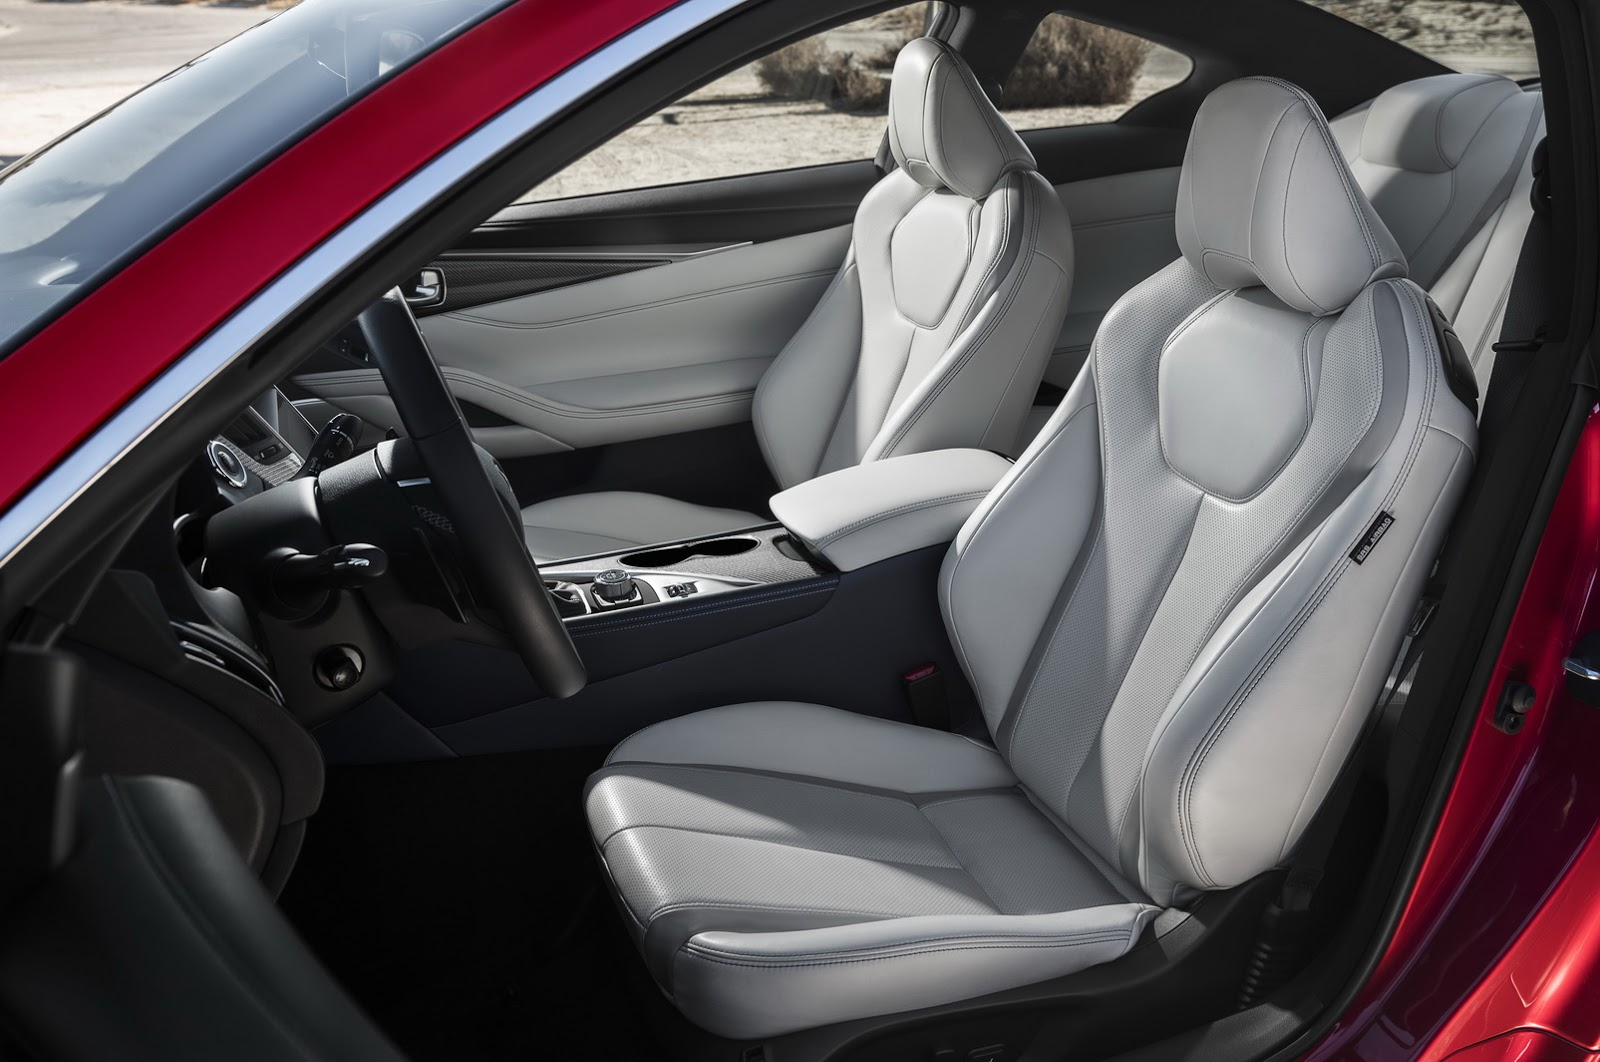 Chính thức công bố giá xe Infiniti Q60 Red Sport 400 2017